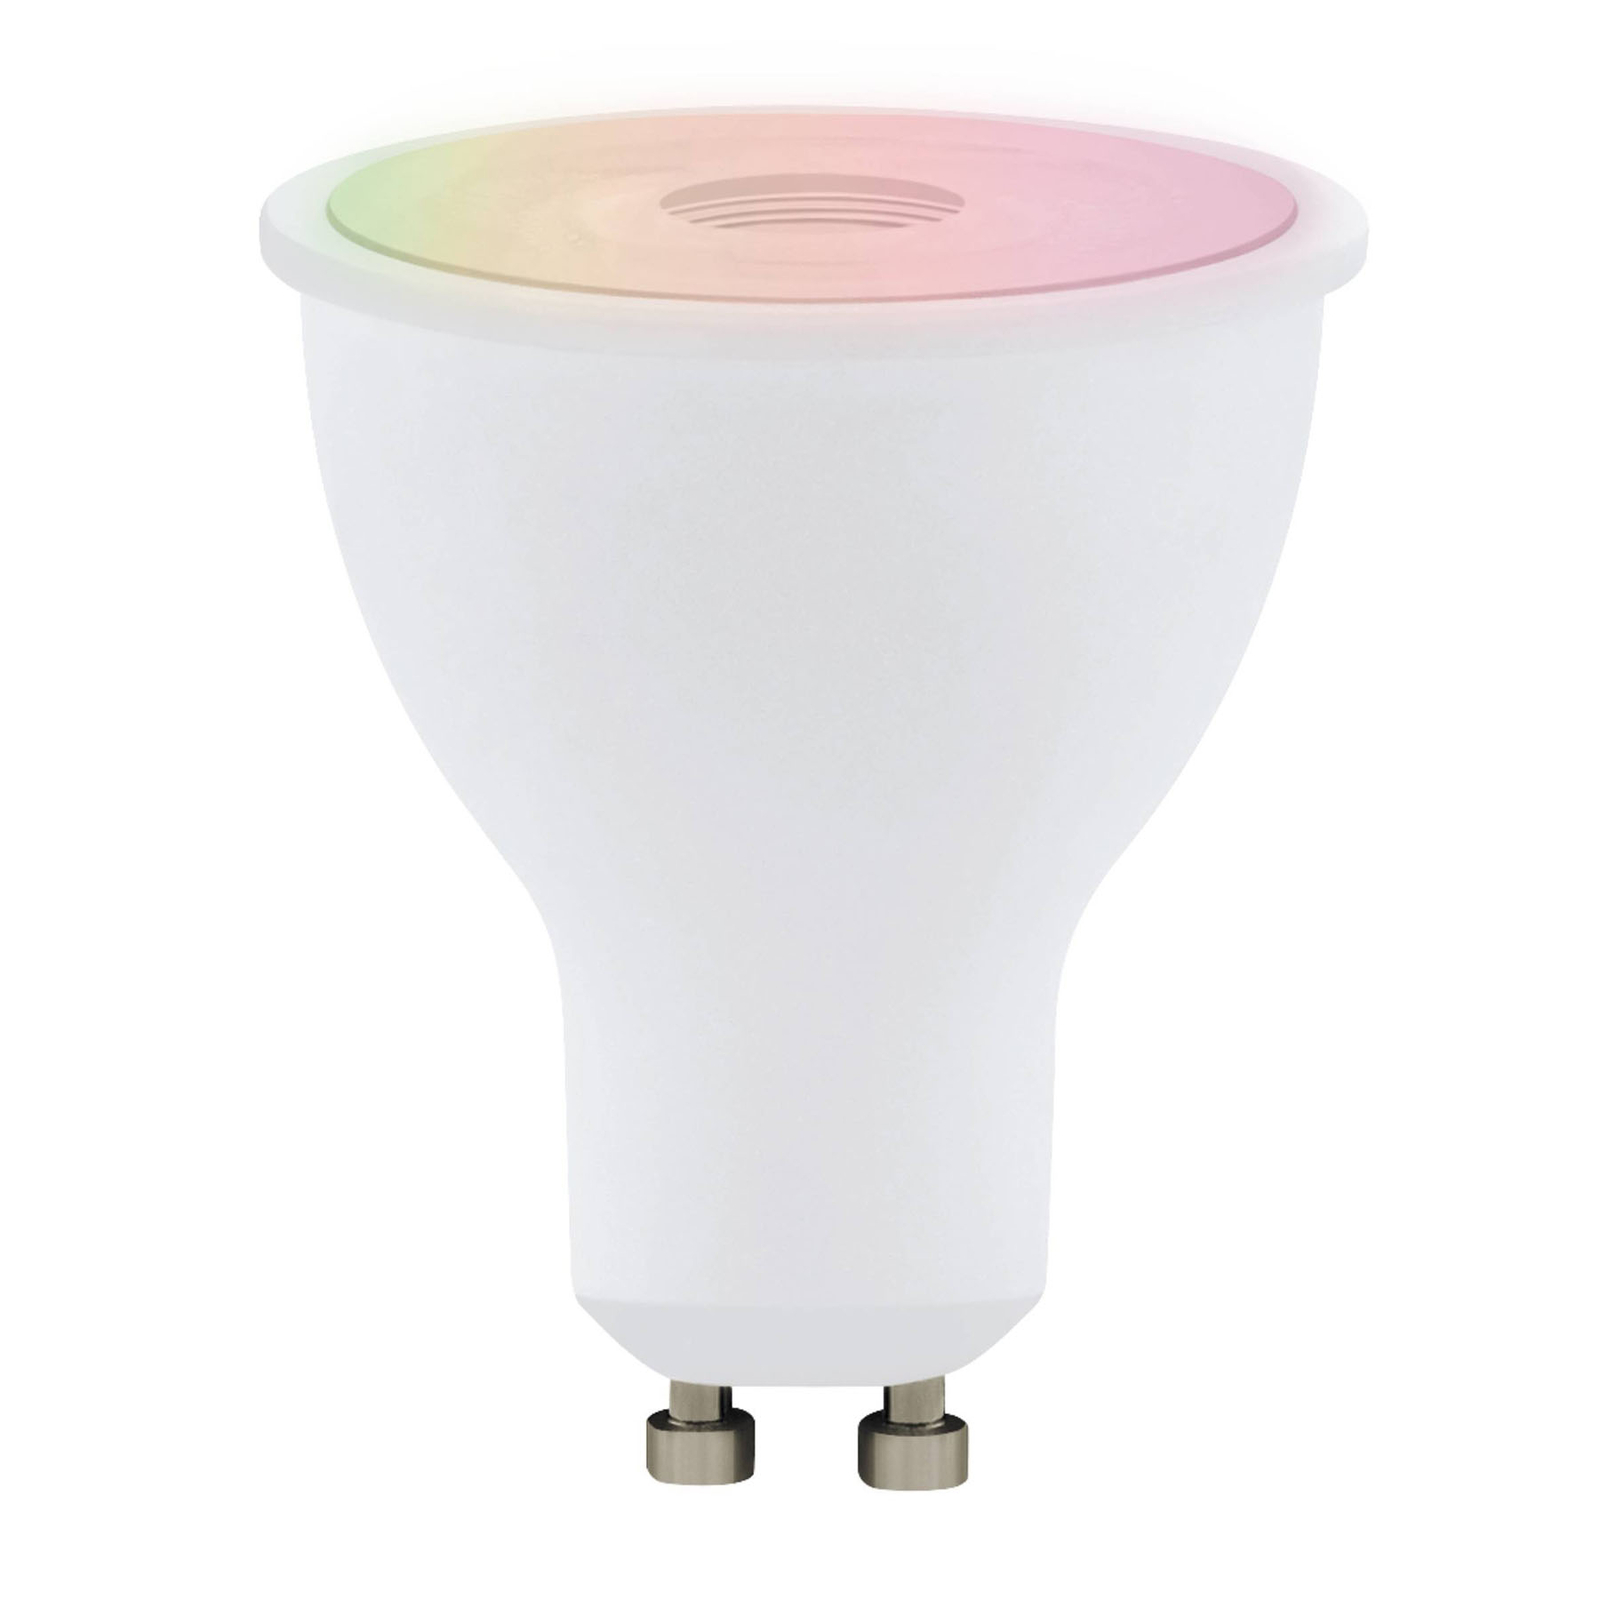 EGLO connect GU10 5W LED RGB+Tunable White 38°